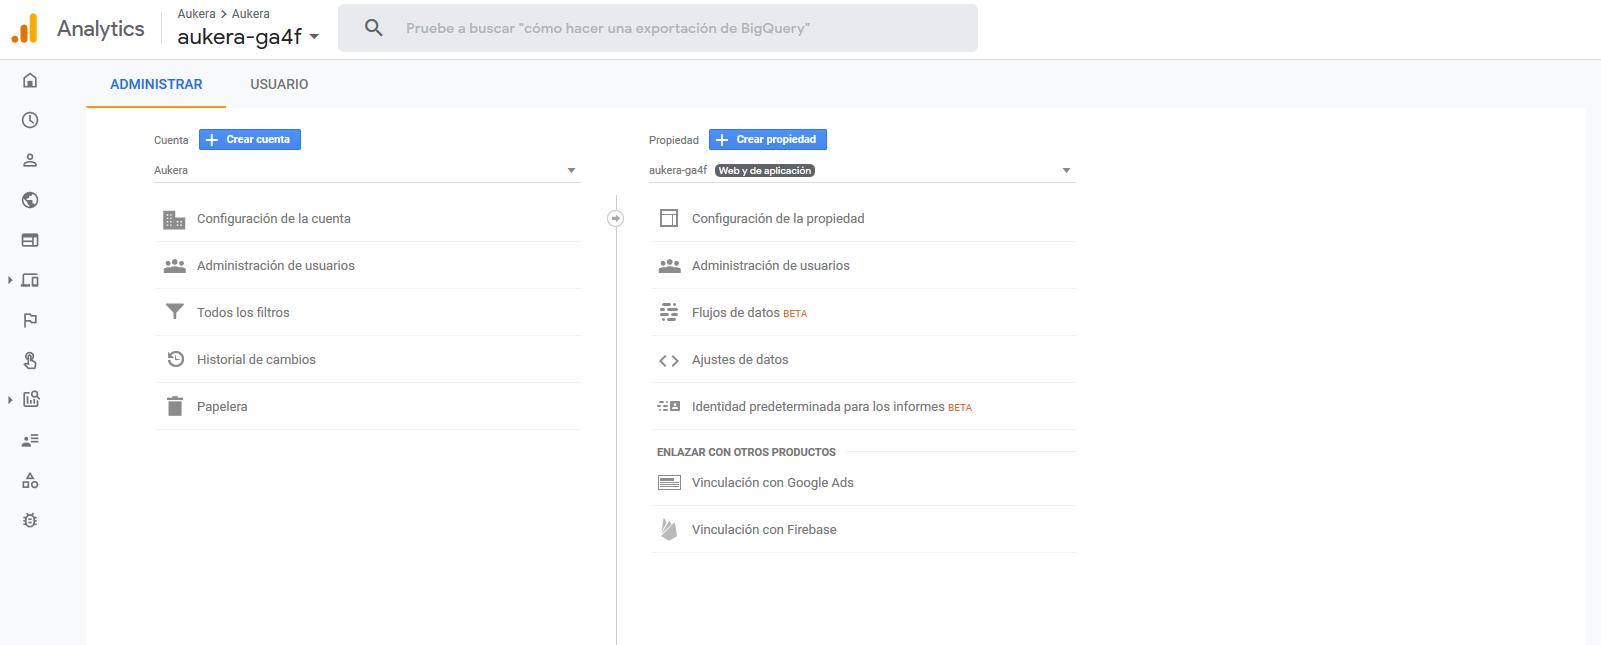 El nuevo Google Analytics no tiene vistas